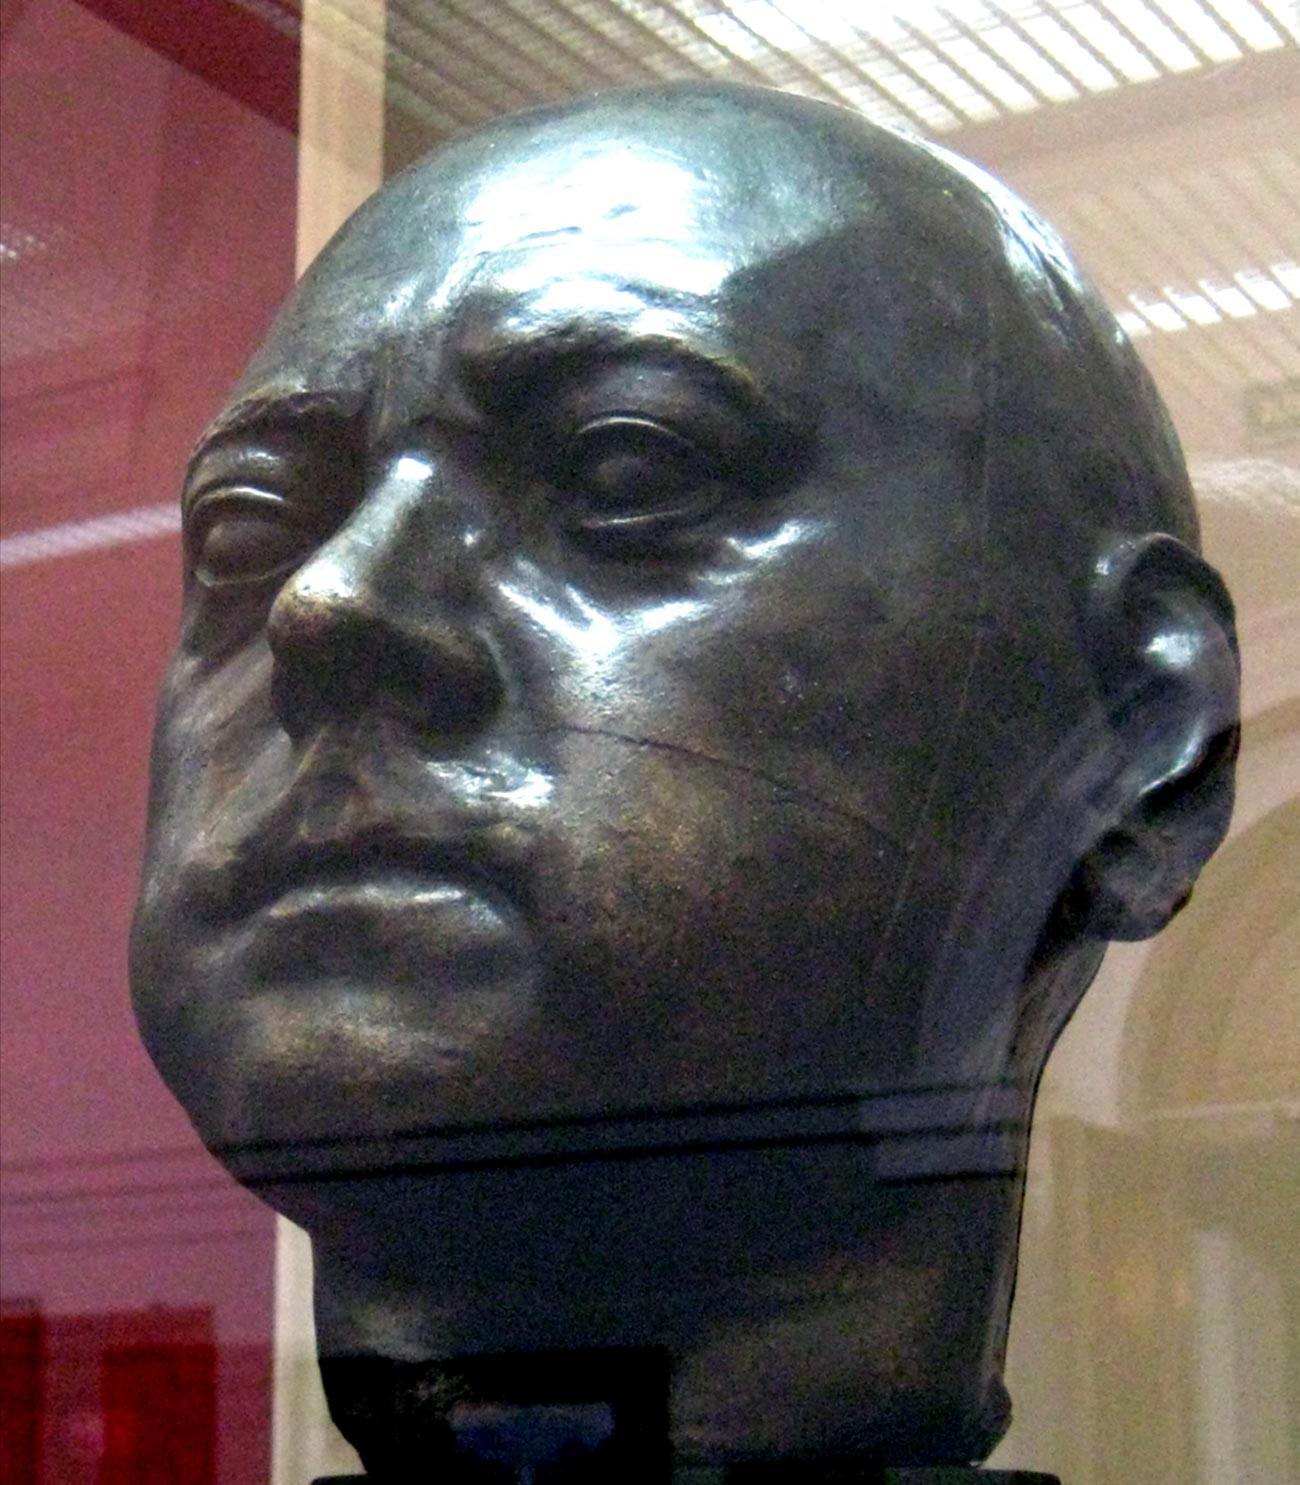 La testa scolpita di Pietro il Grande realizzata a partire dalla sua maschera mortuaria è probabilmente l'unica immagine affidabile dell'Imperatore